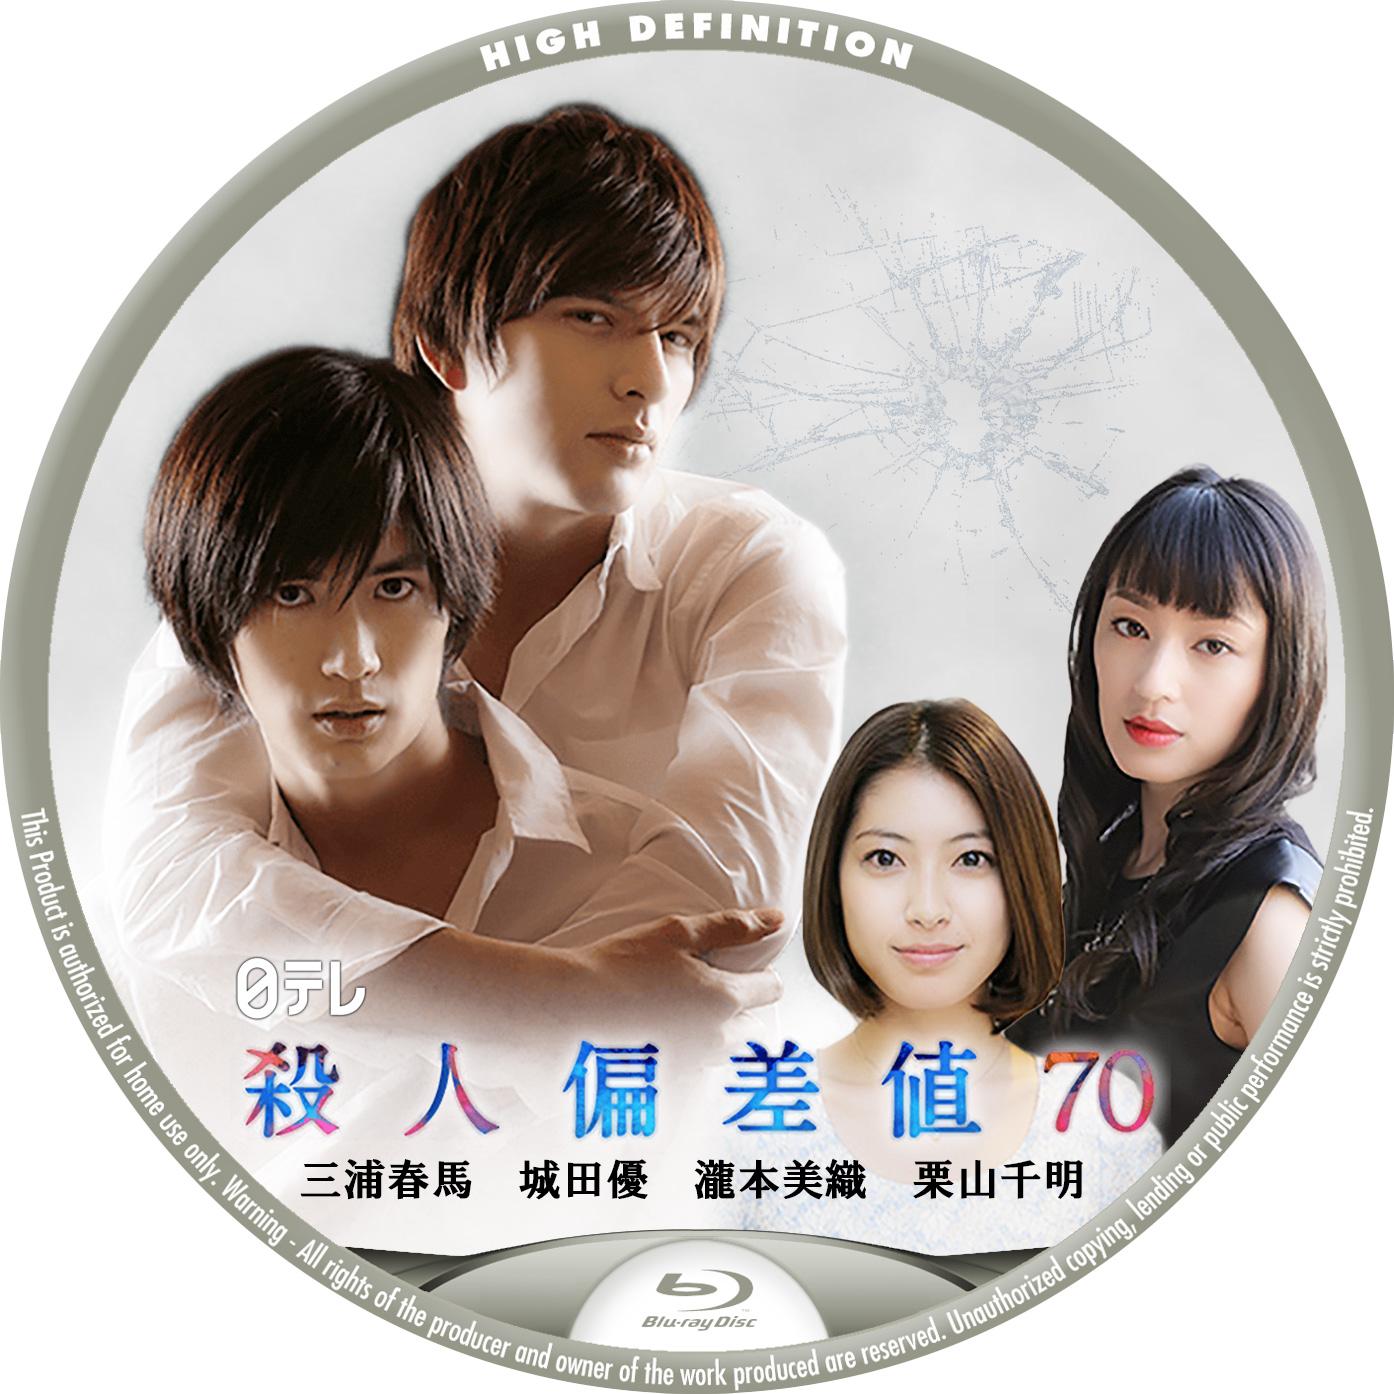 殺人偏差値70 BD Blu-rayラベル